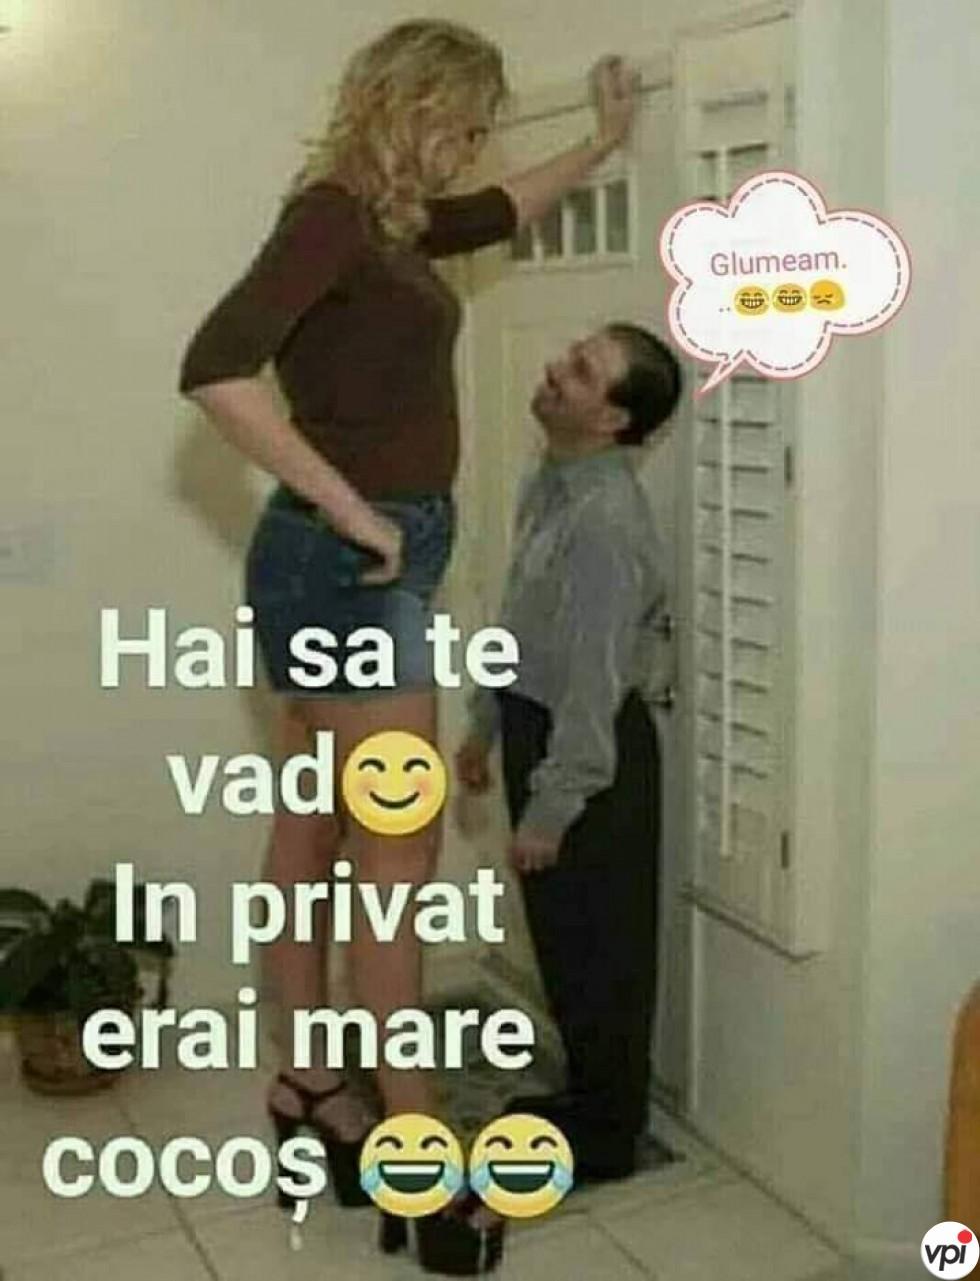 În privat